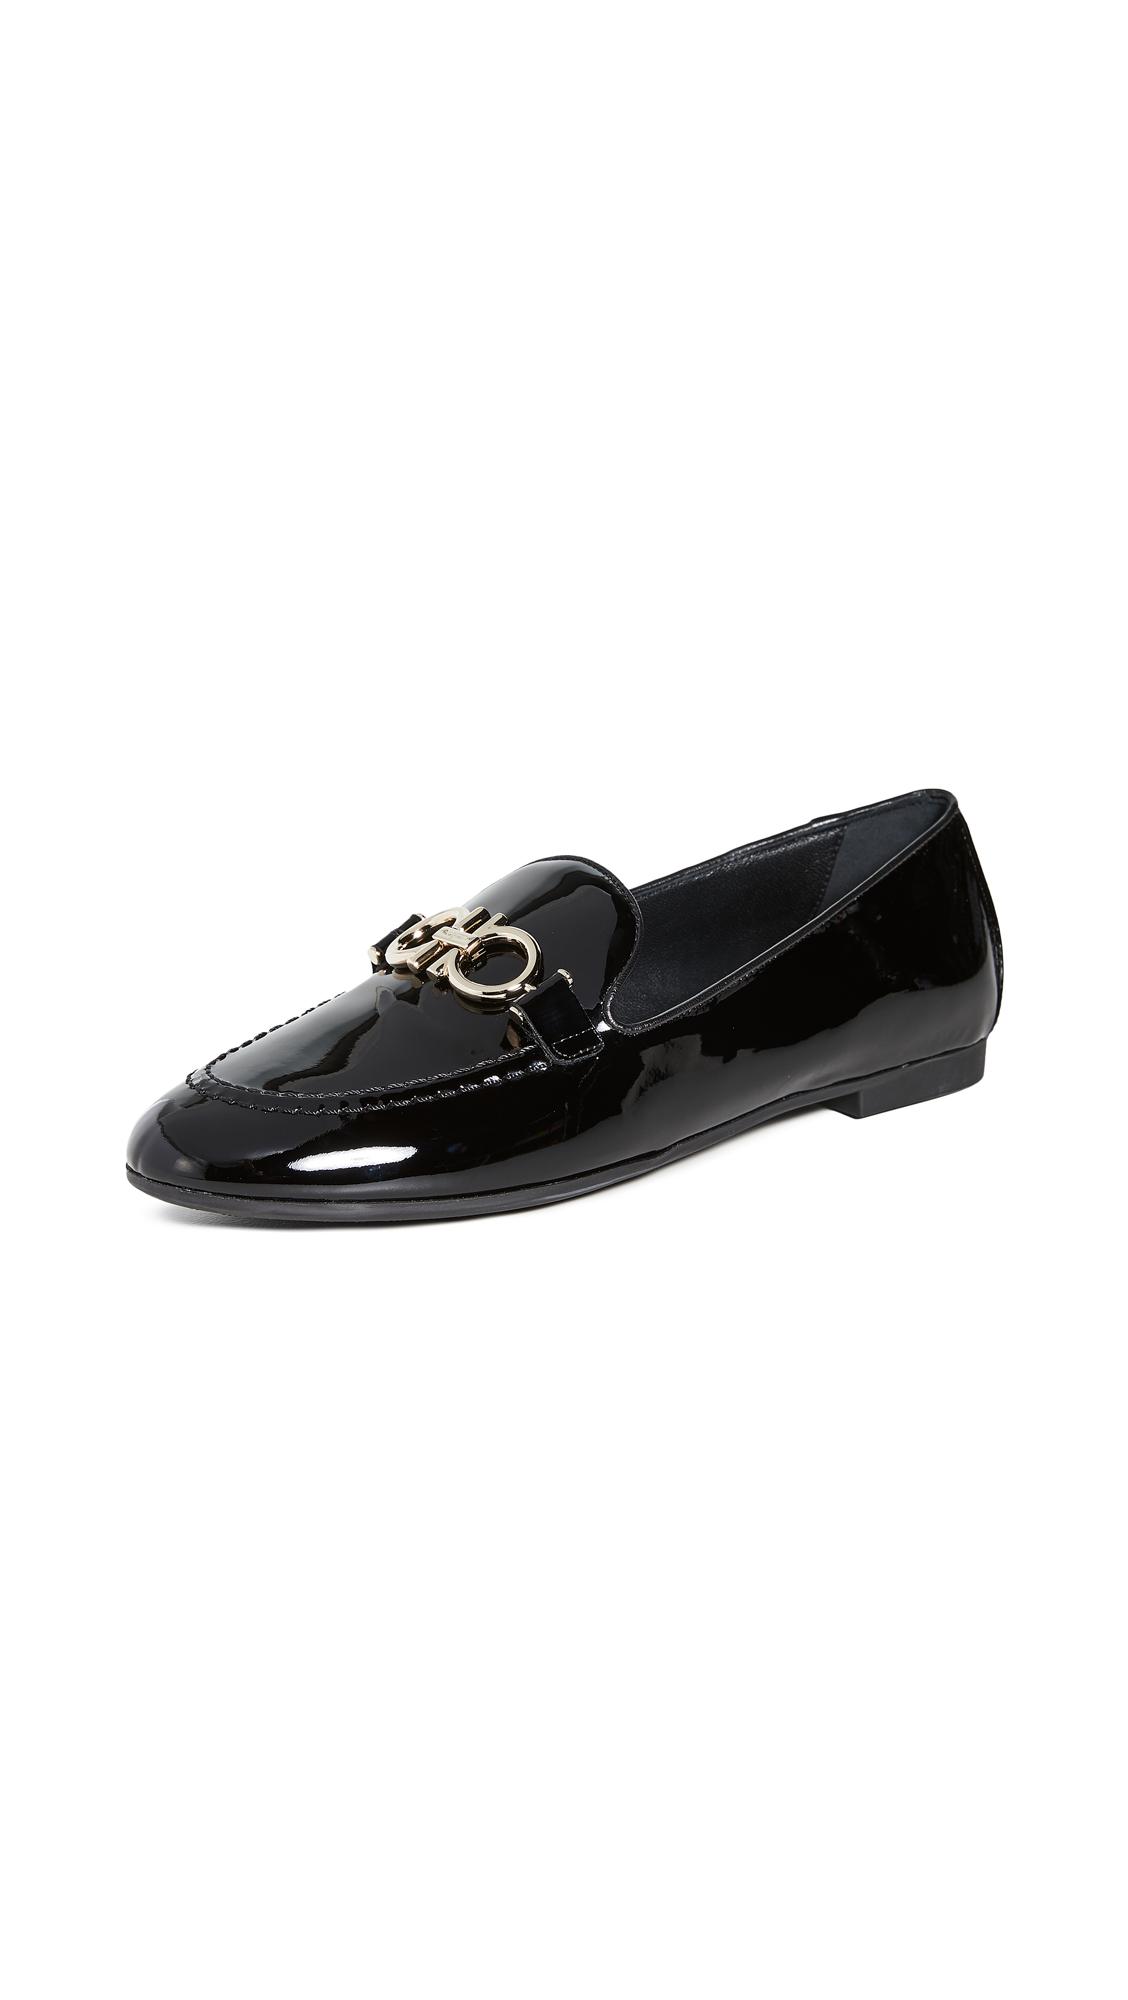 Buy Salvatore Ferragamo Trifoglio Loafers online, shop Salvatore Ferragamo